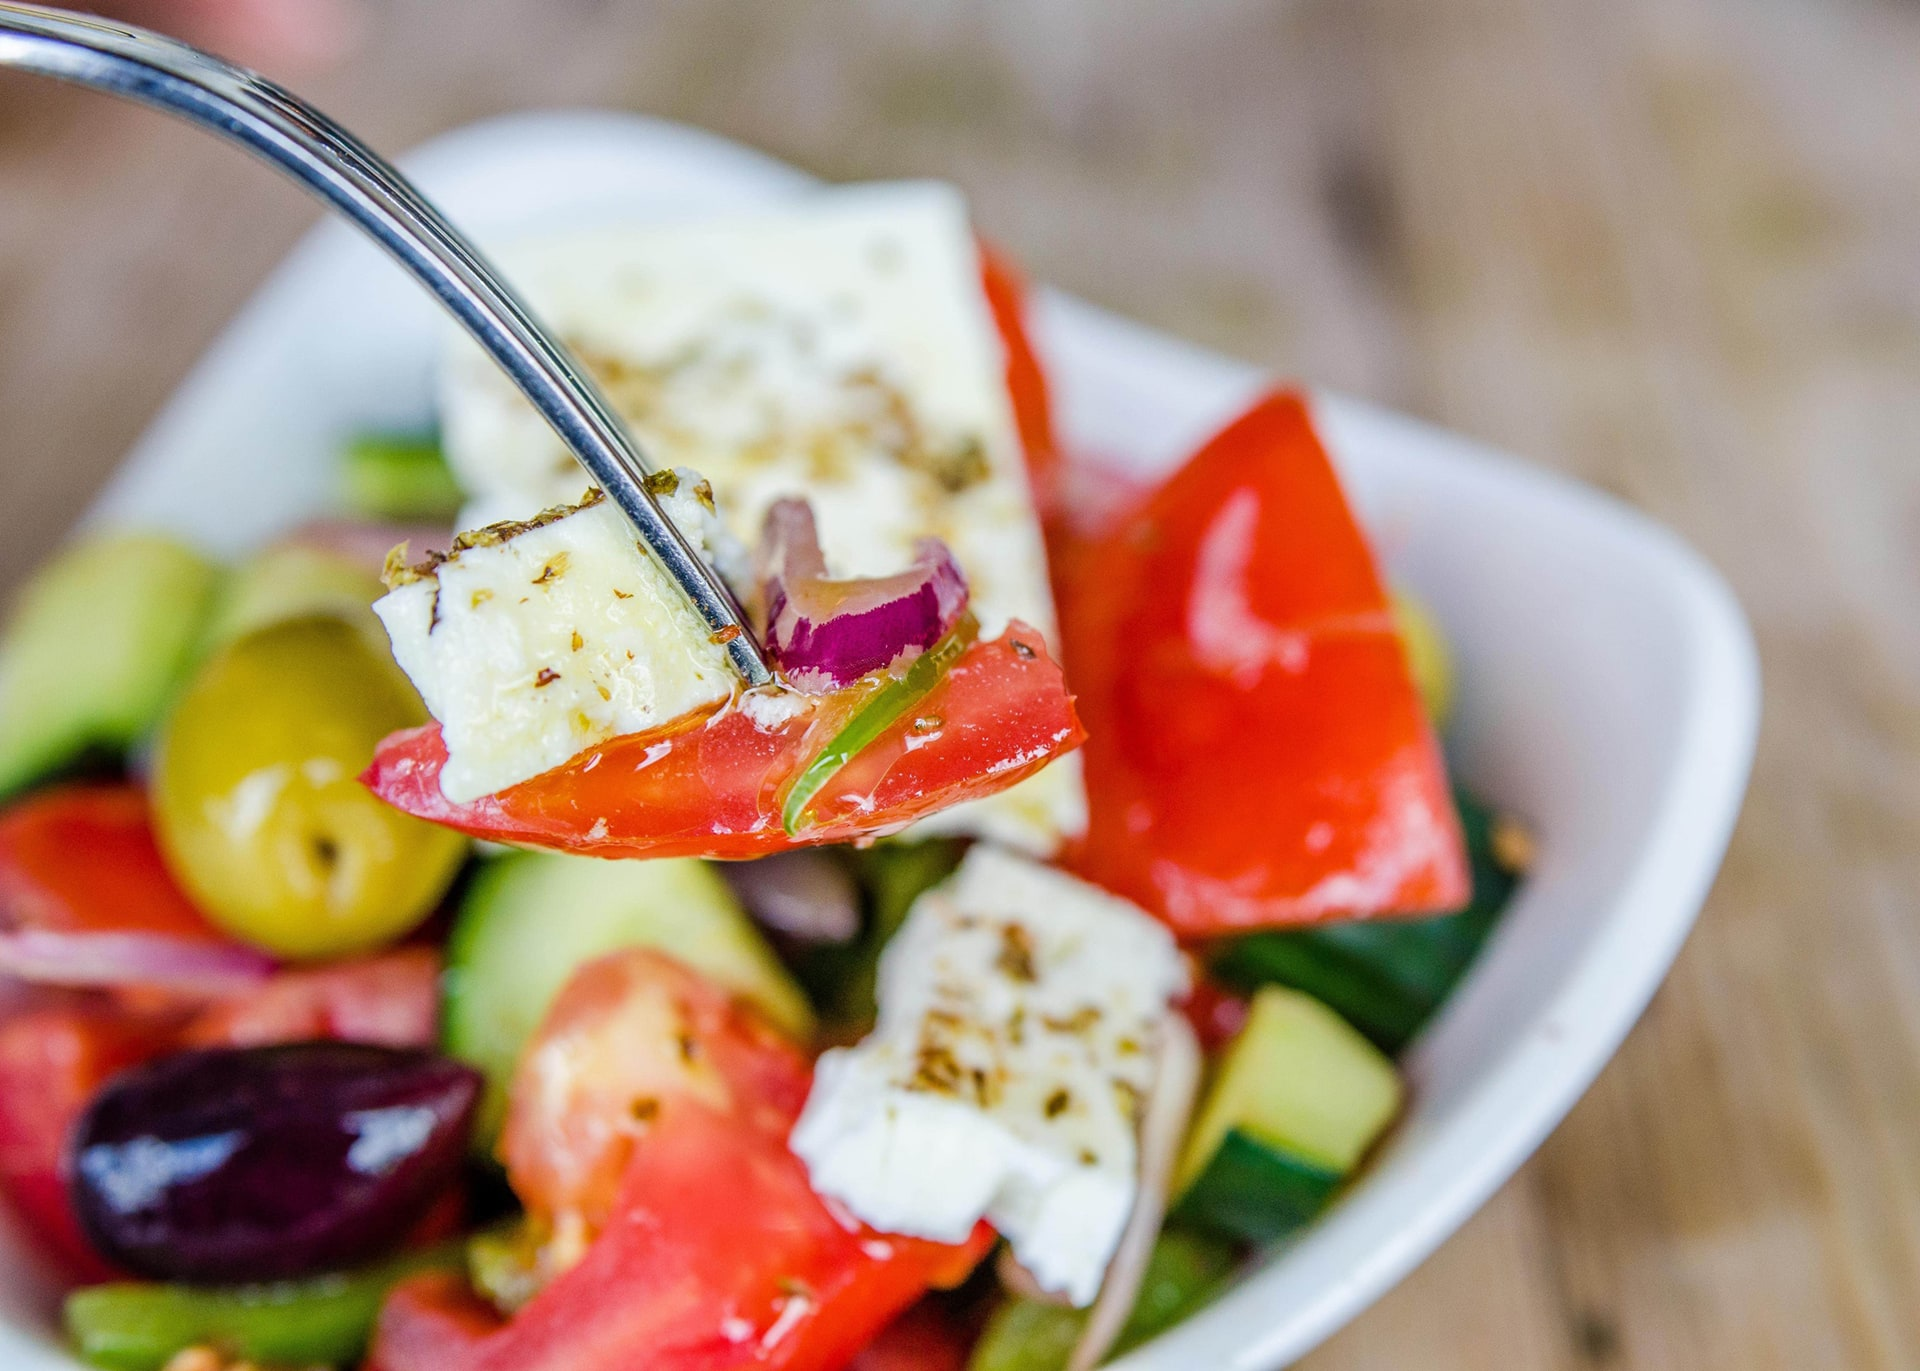 The Real Greek - Greek Food & Ingredients - Greek Salad